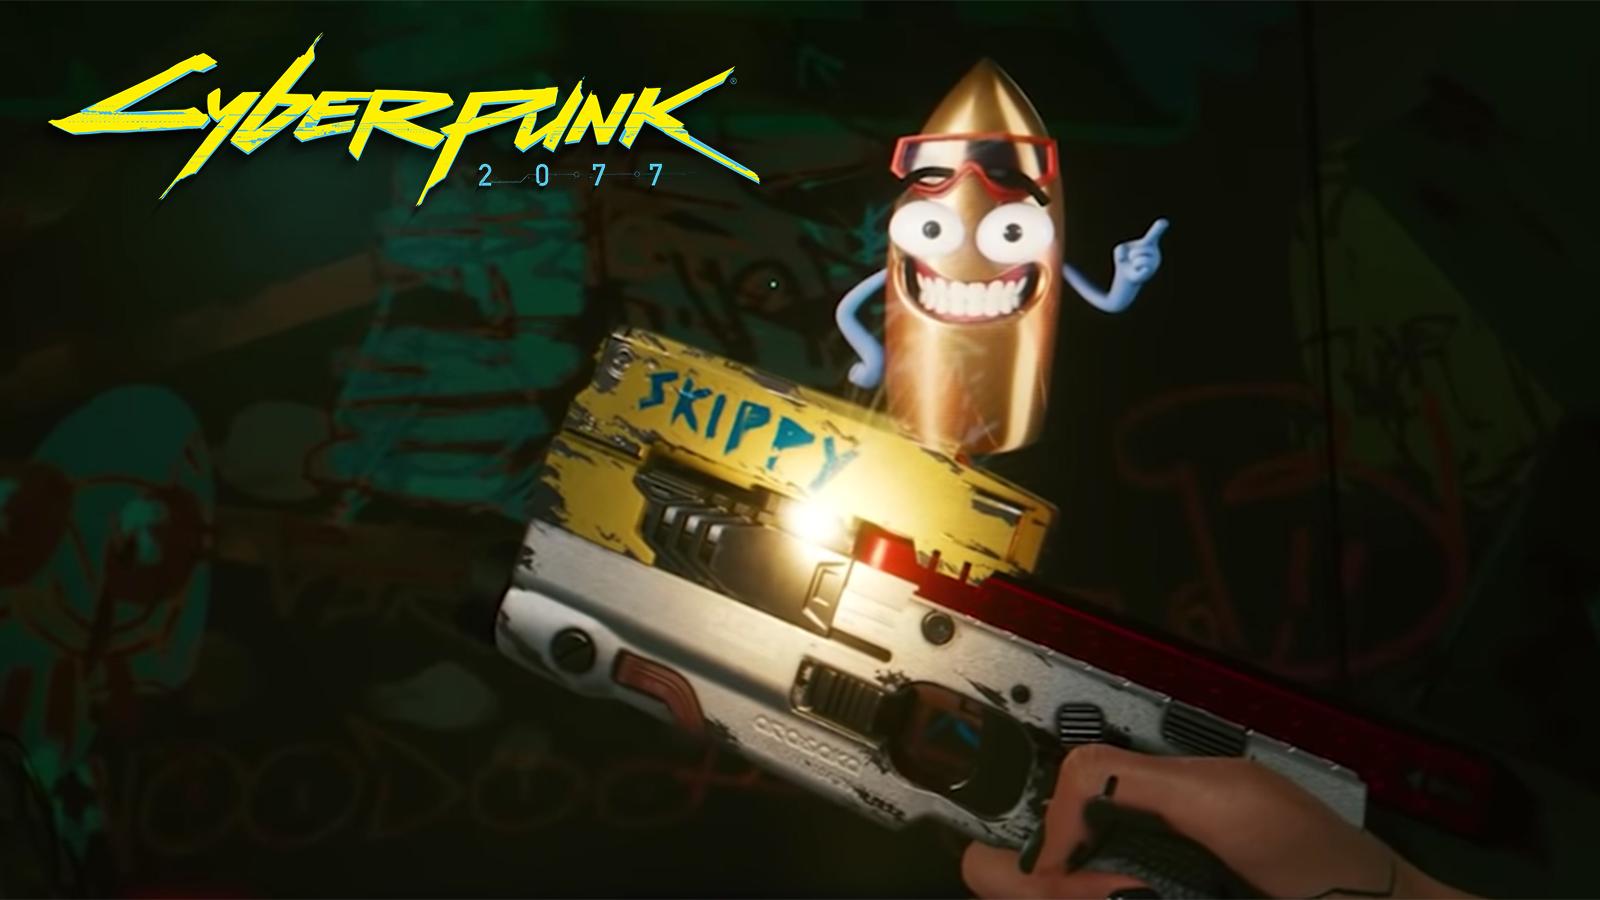 Skippy talking gun Cyberpunk 2077